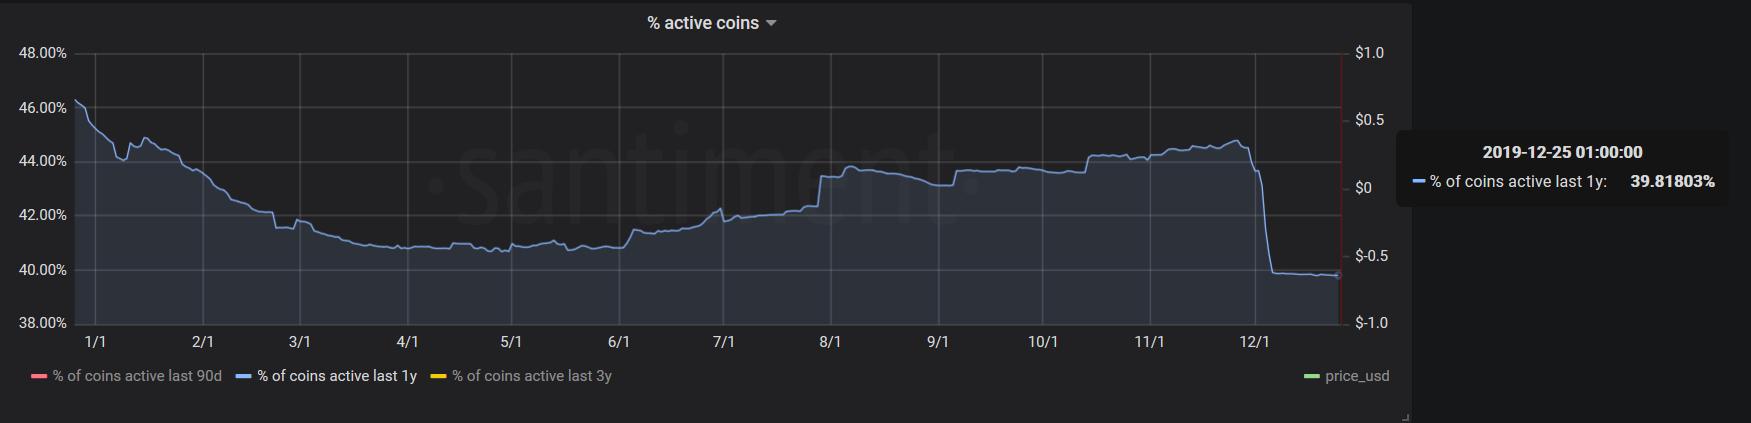 Active Bitcoin